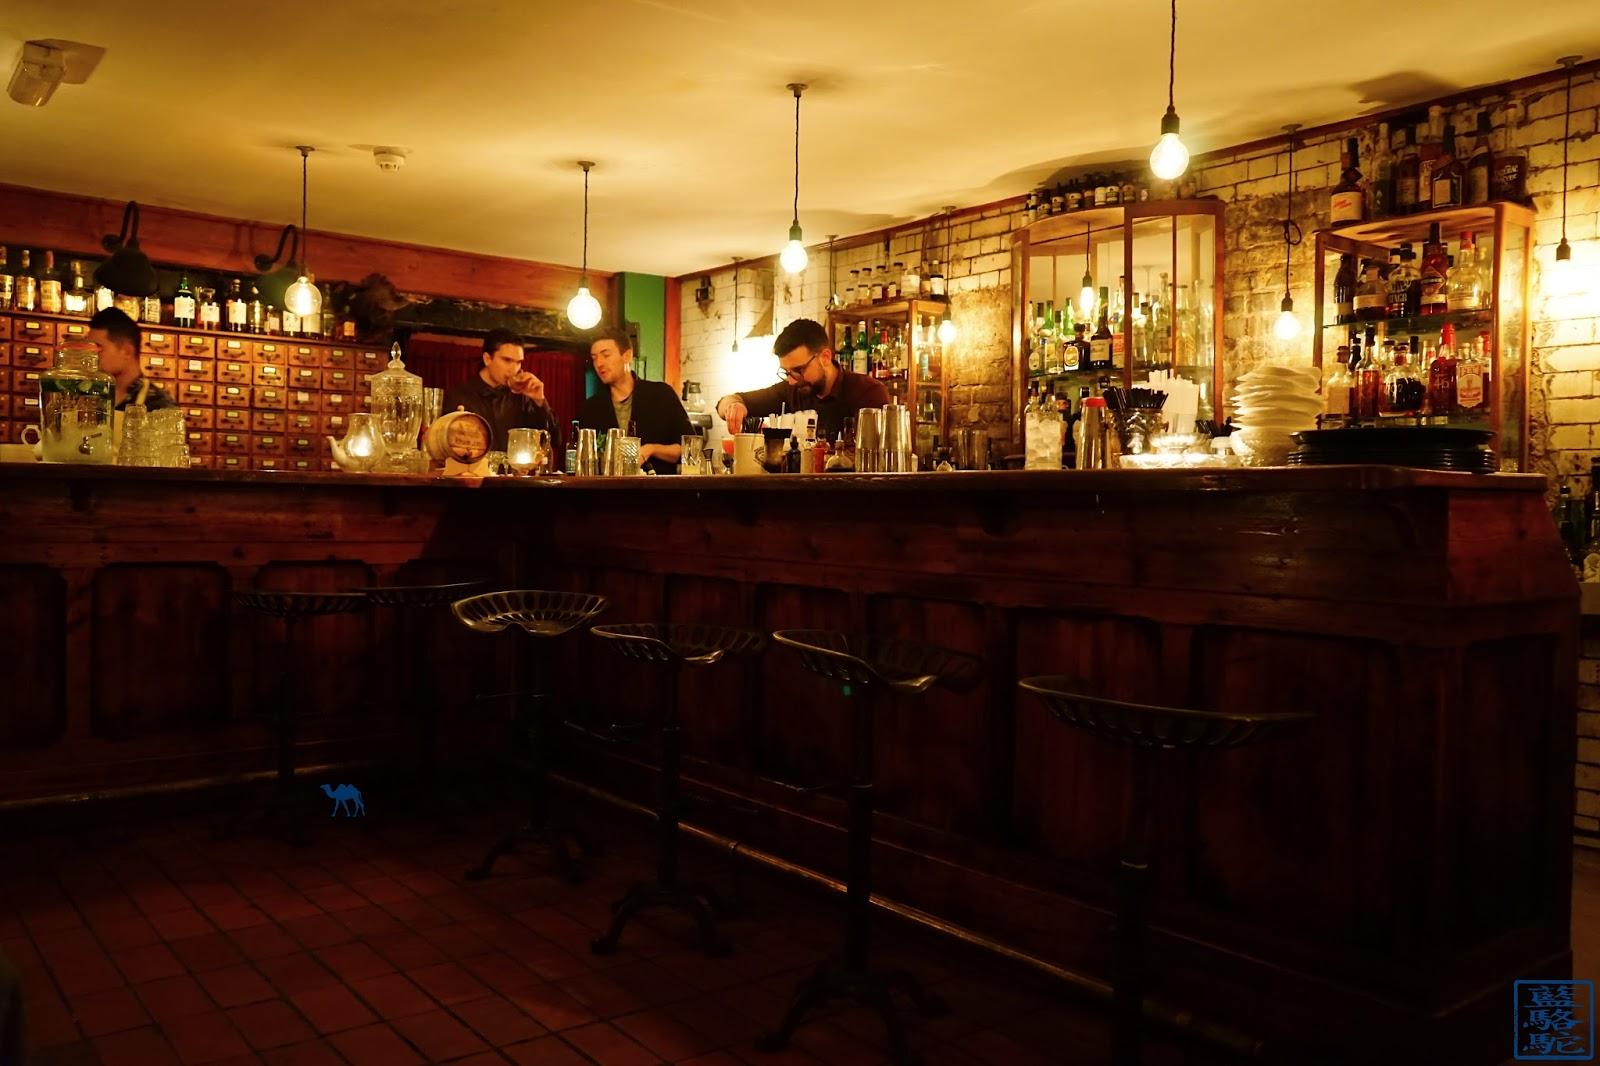 Le Chameau Bleu - Bar d'Evans and Peel